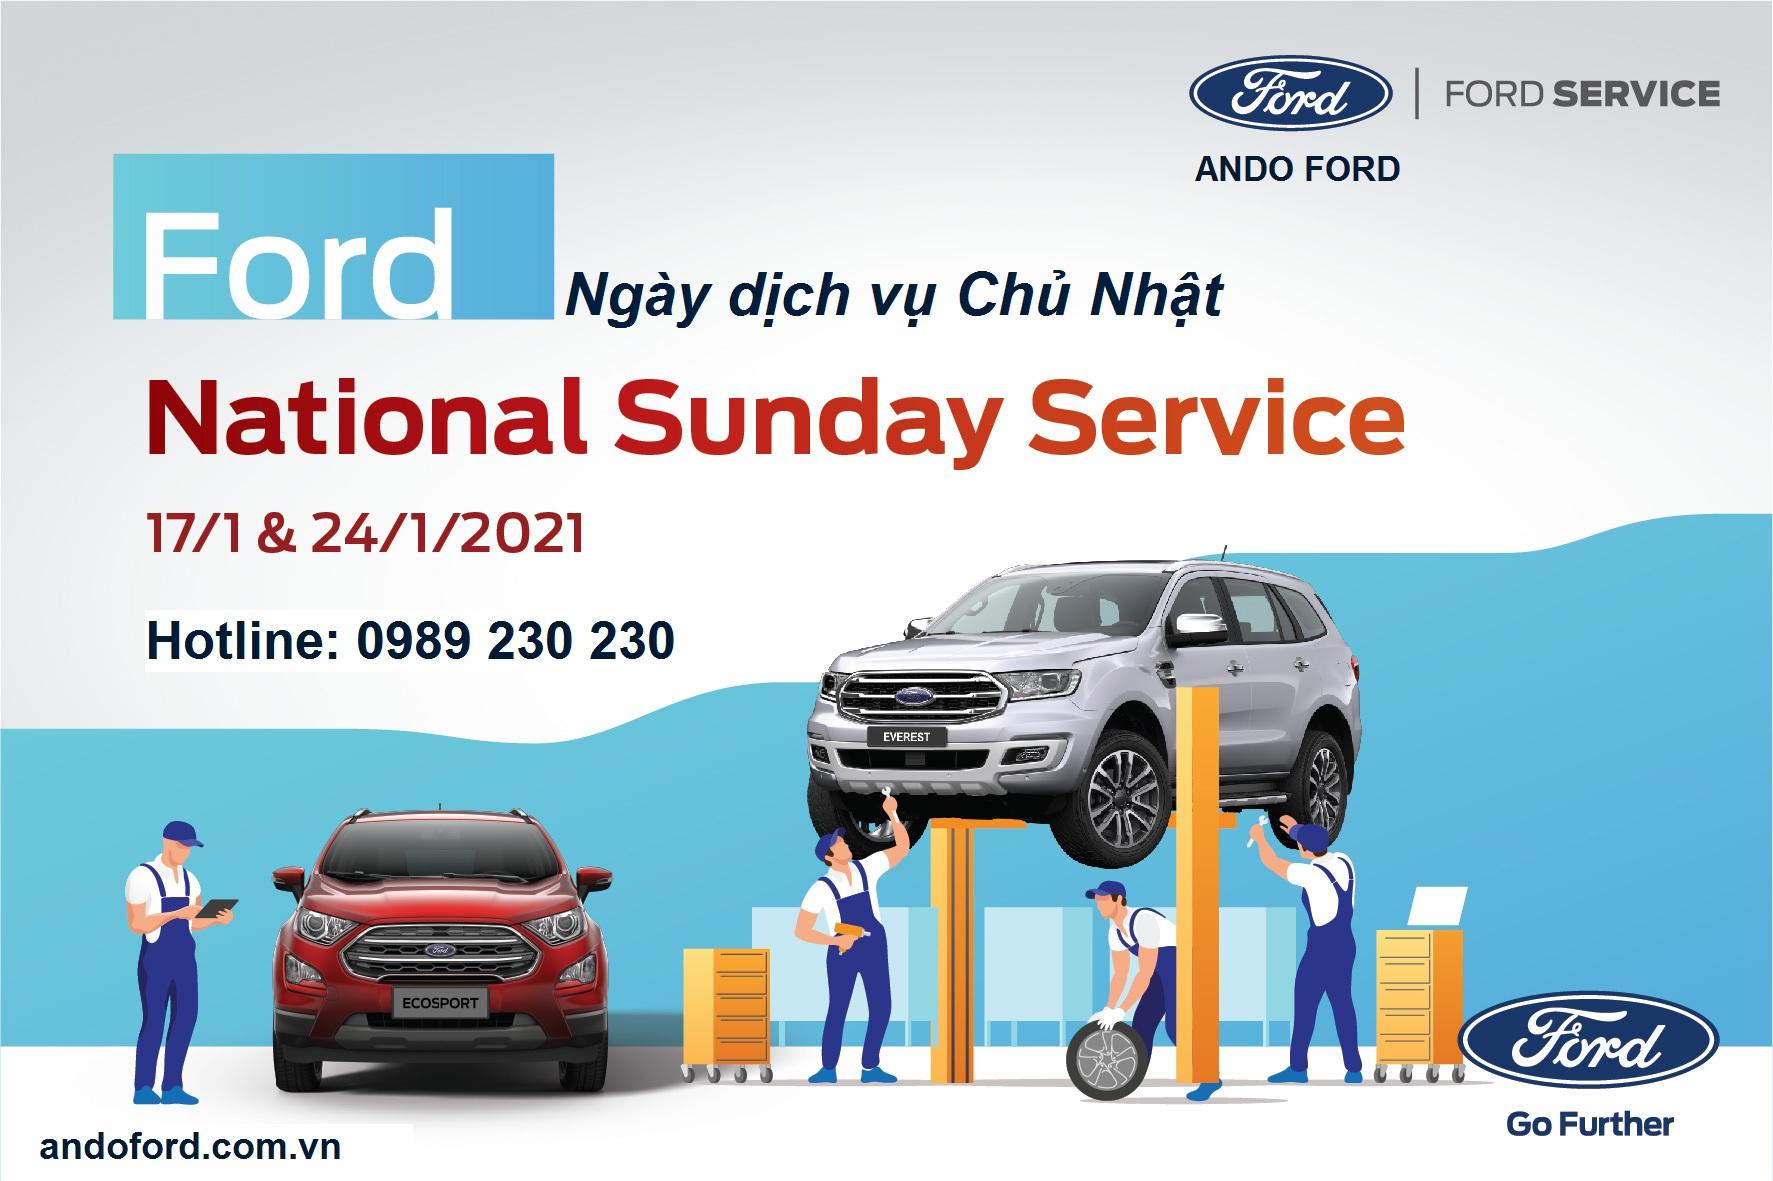 Ando Ford tri ân khách hàng Tết Tân Sửu 02 ngày Dịch vụ Chủ Nhật 17 & 24/01/2021